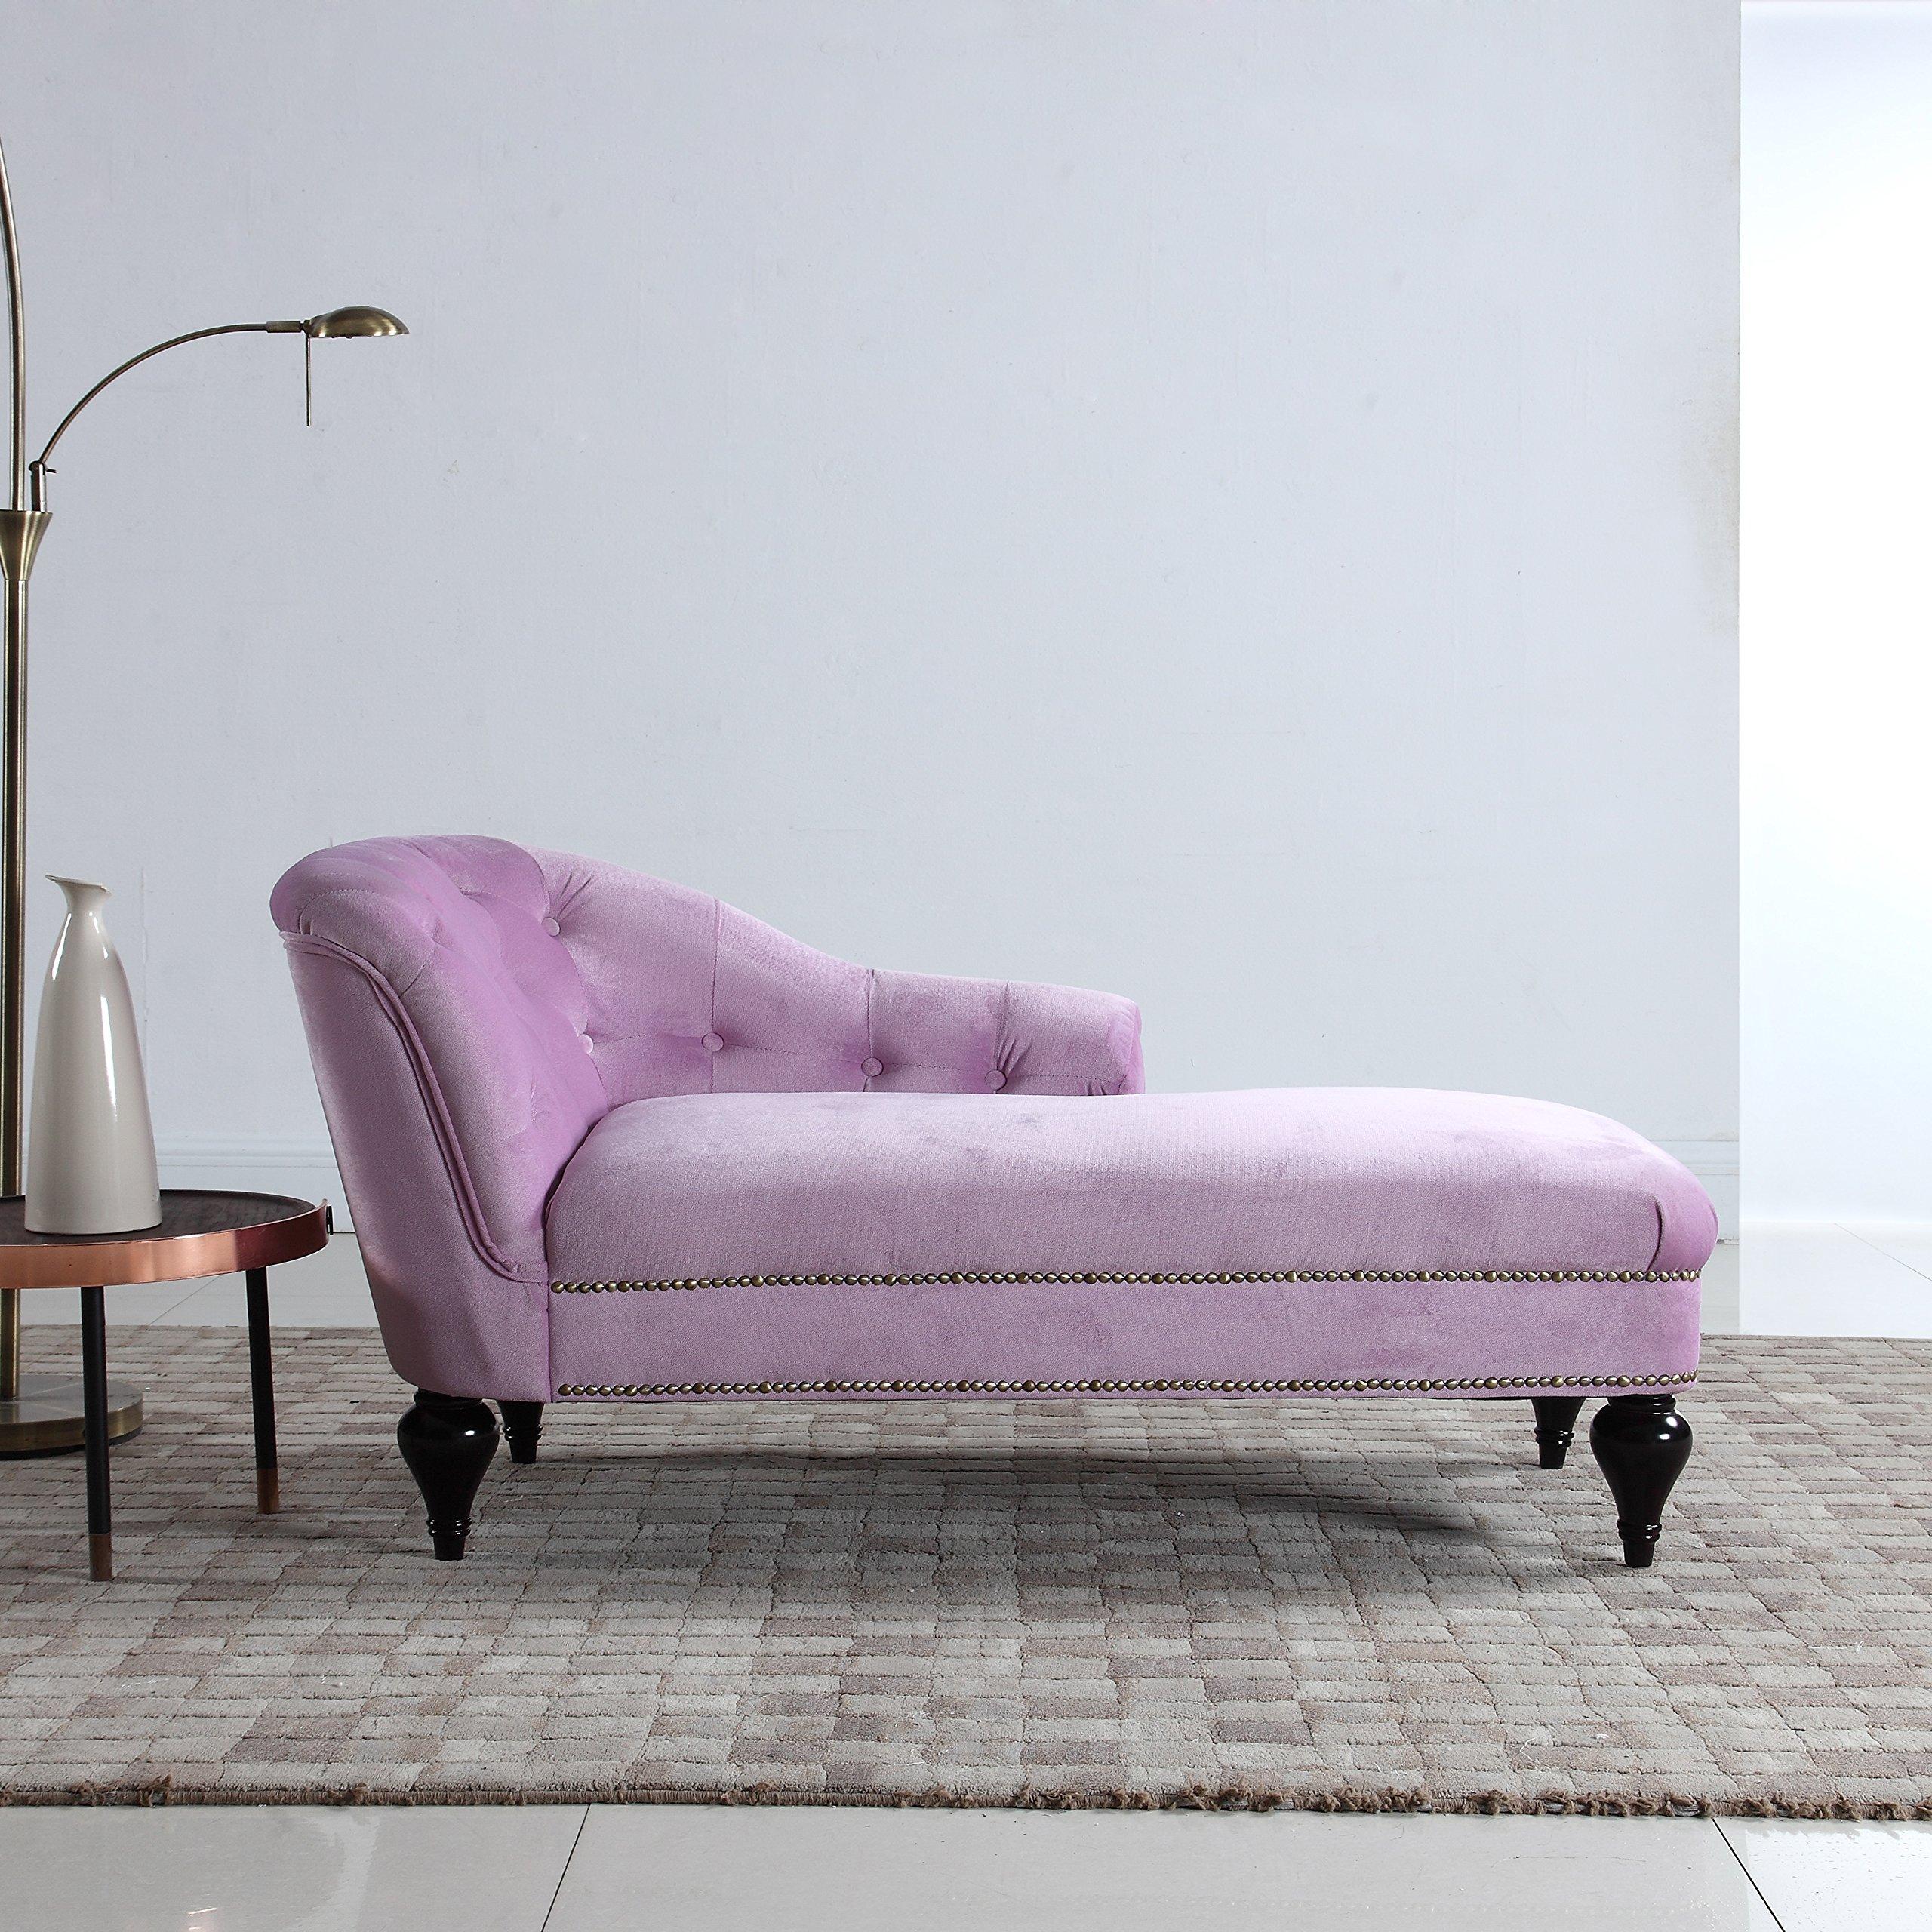 Divano Roma Furniture Modern and Elegant Kid's Velvet Chaise Lounge for Living Room or Bedroom (Light Grey)